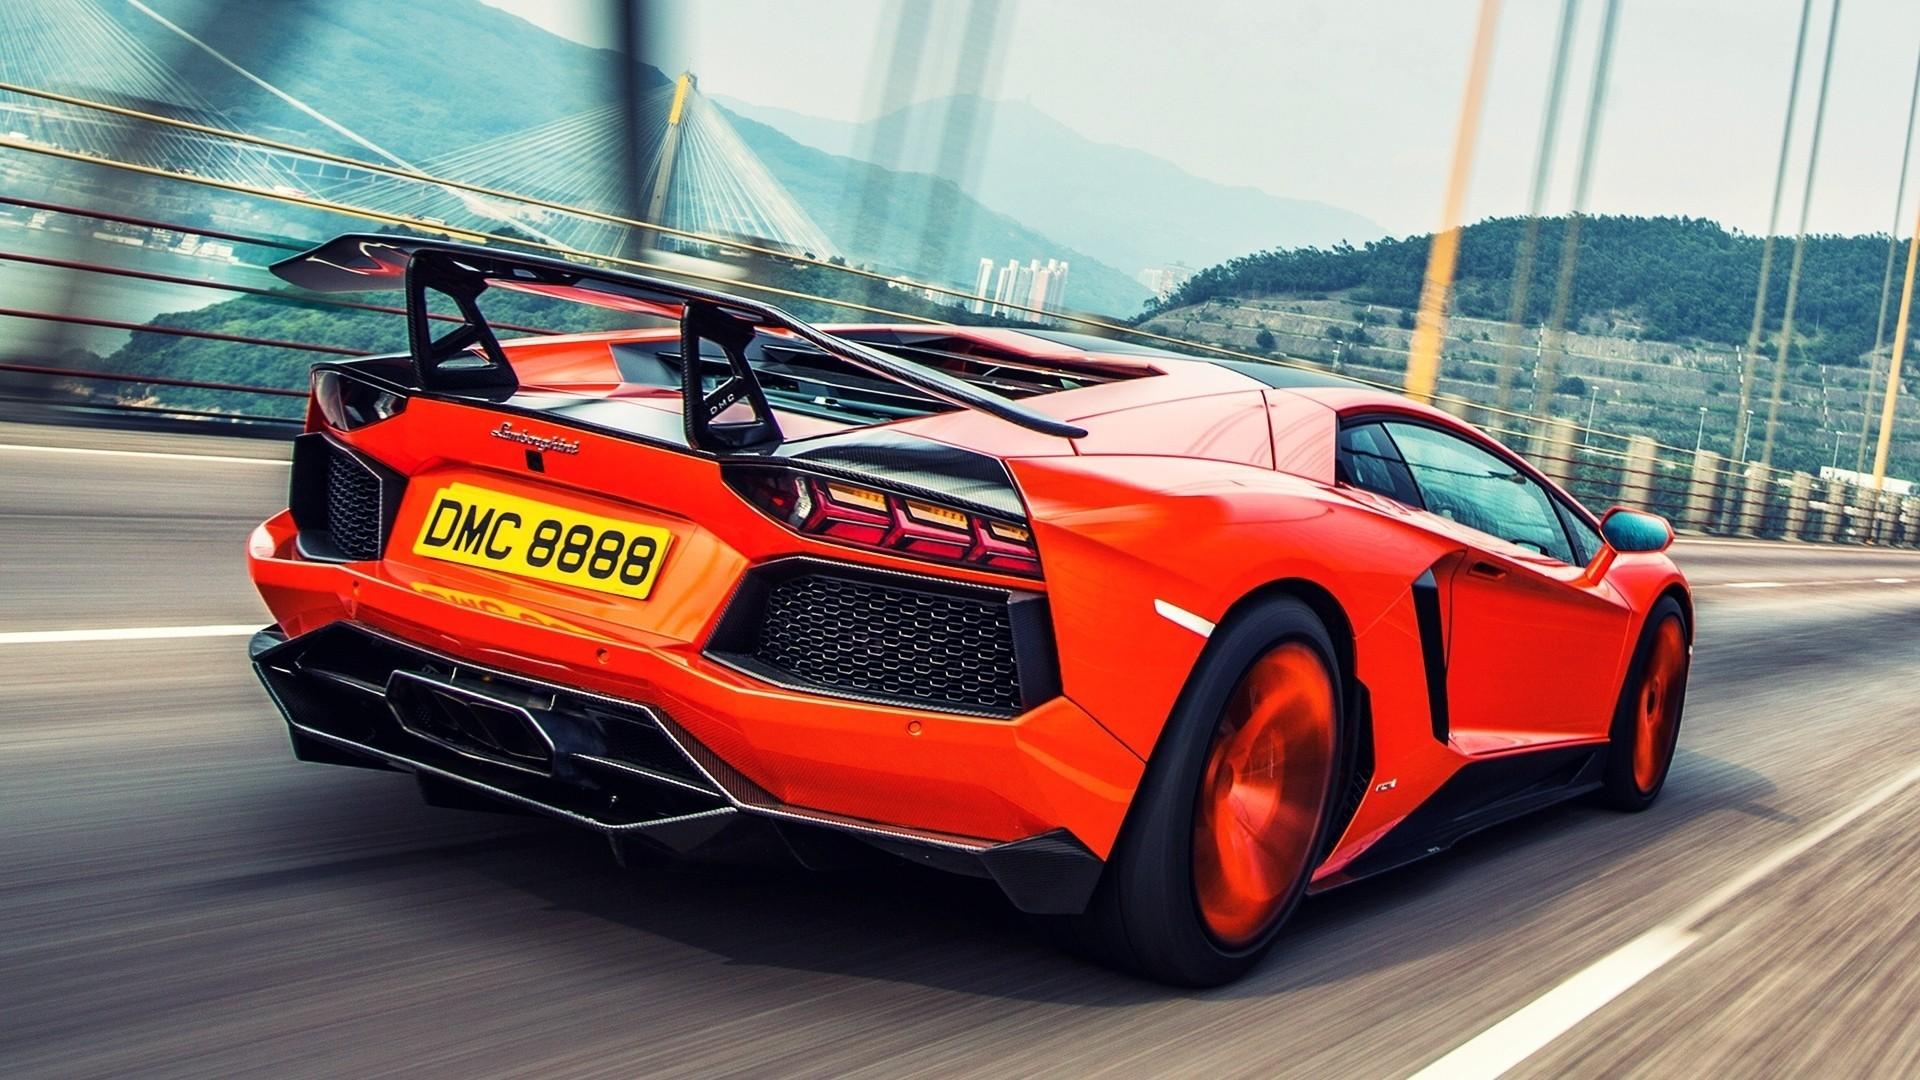 Res: 1920x1080, Vehicles - Lamborghini Aventador Wallpaper